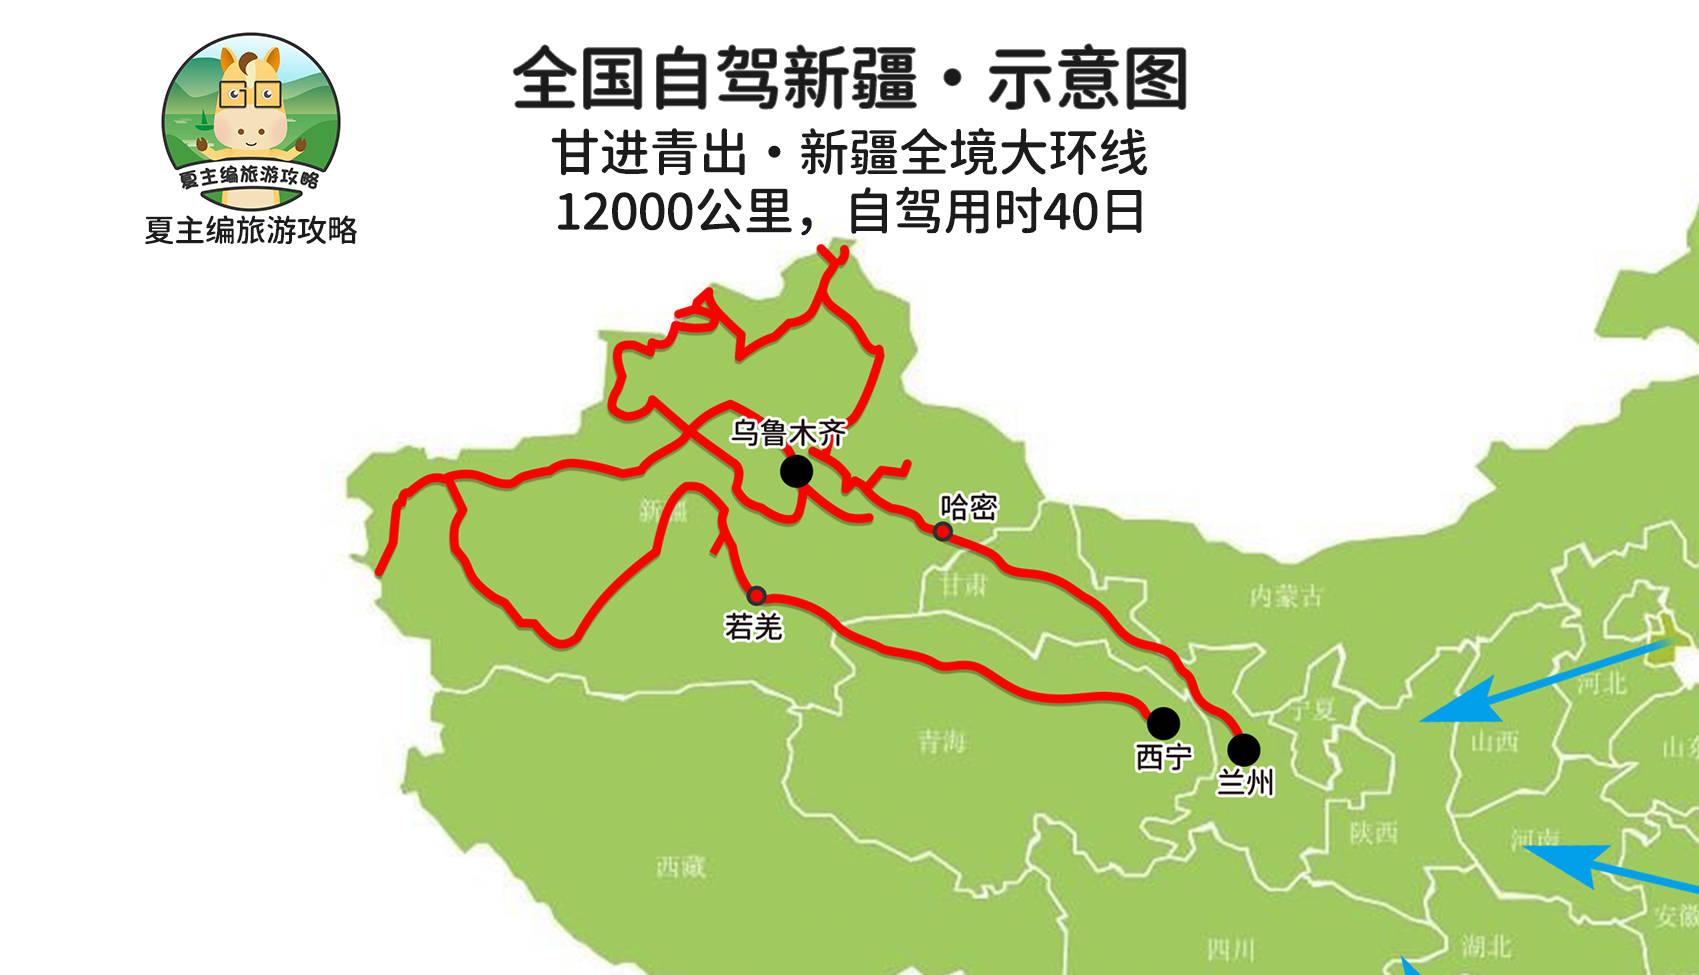 新疆地图全集高清版:包含南北疆大环线、独库公路、喀喇昆仑公路